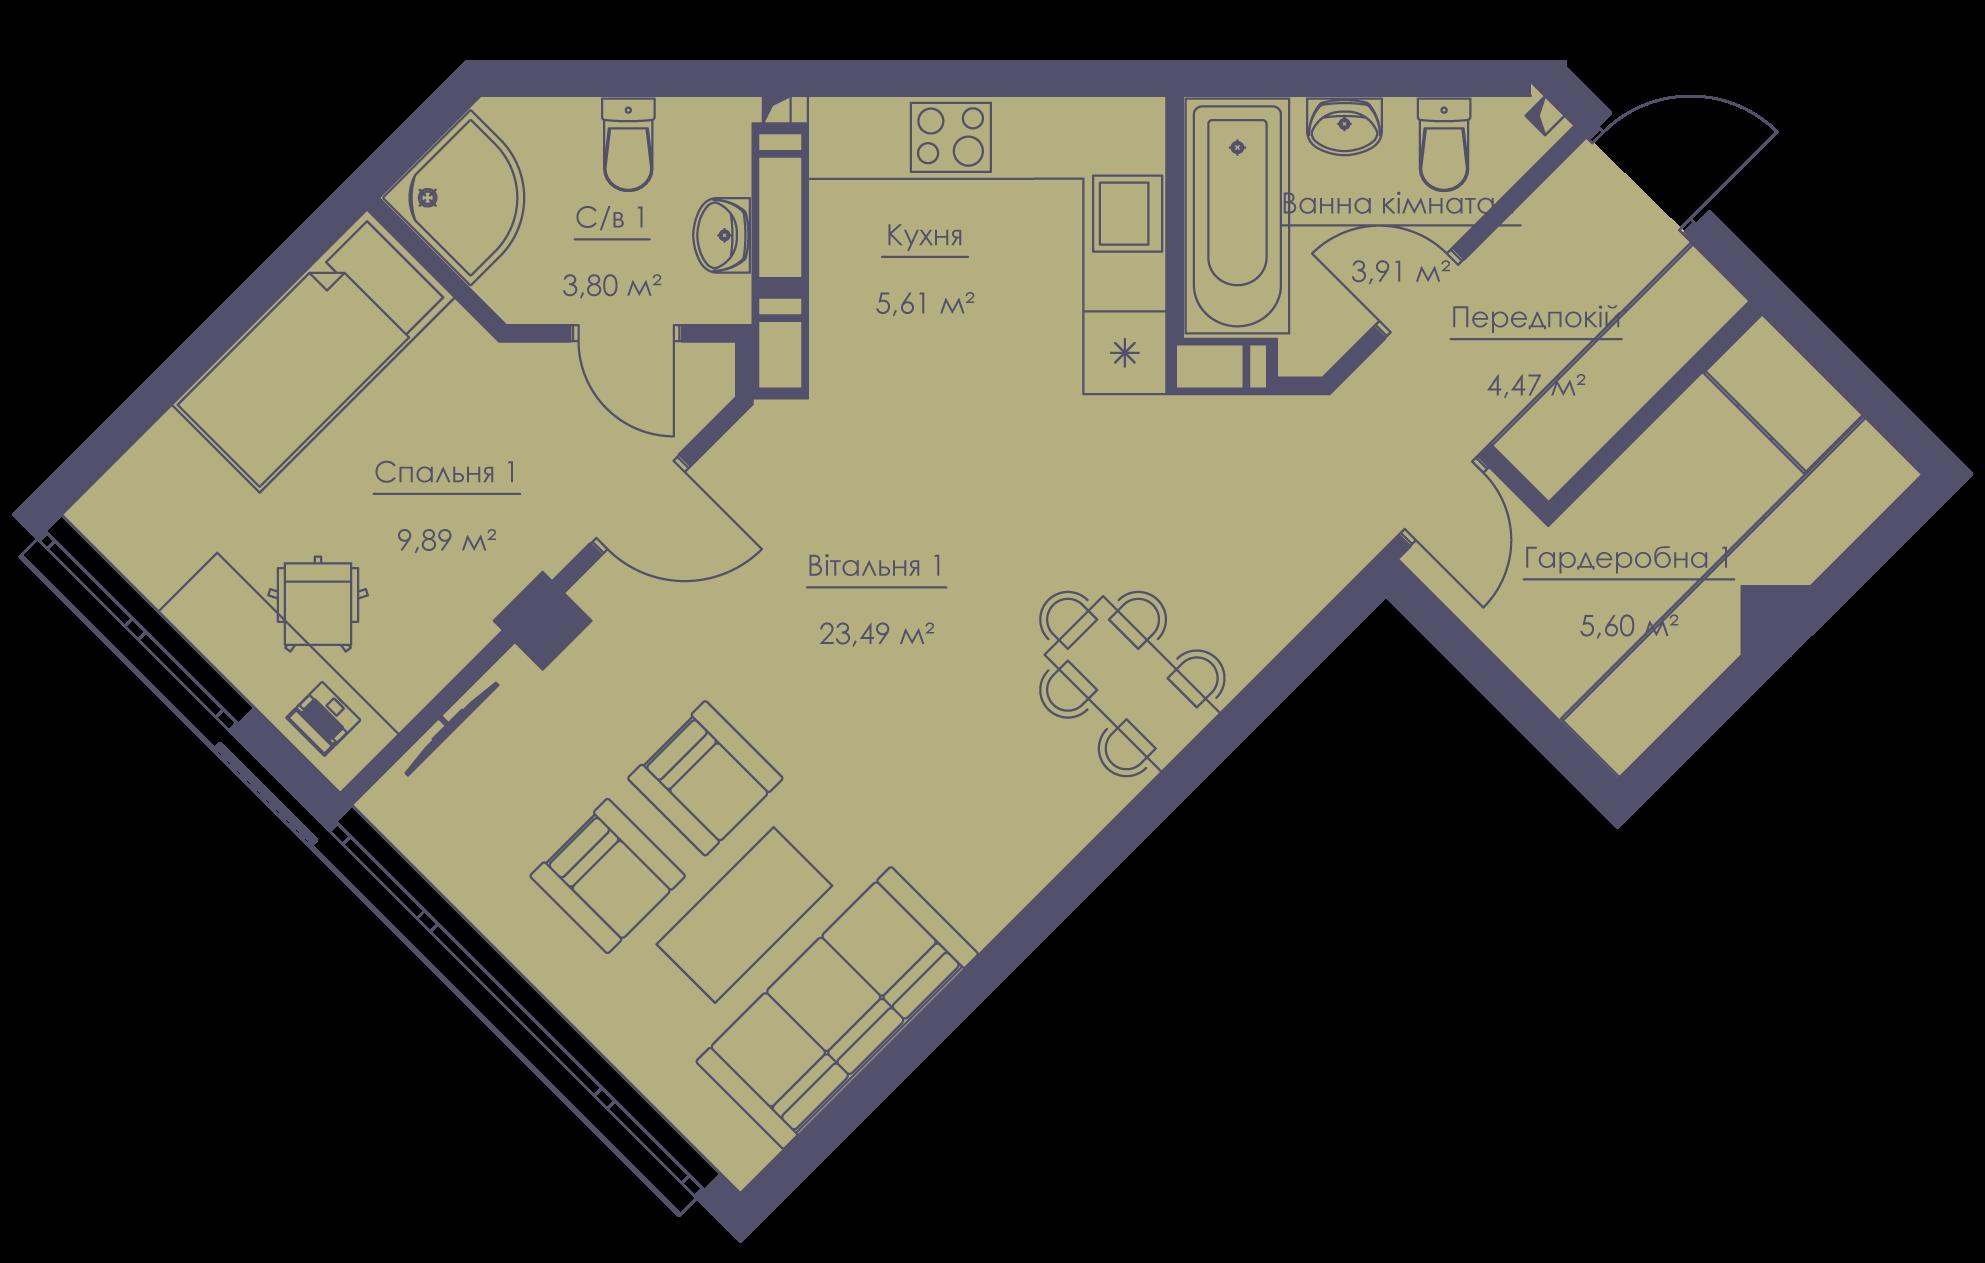 Apartment layout KV_83_2b_1_1_4-1